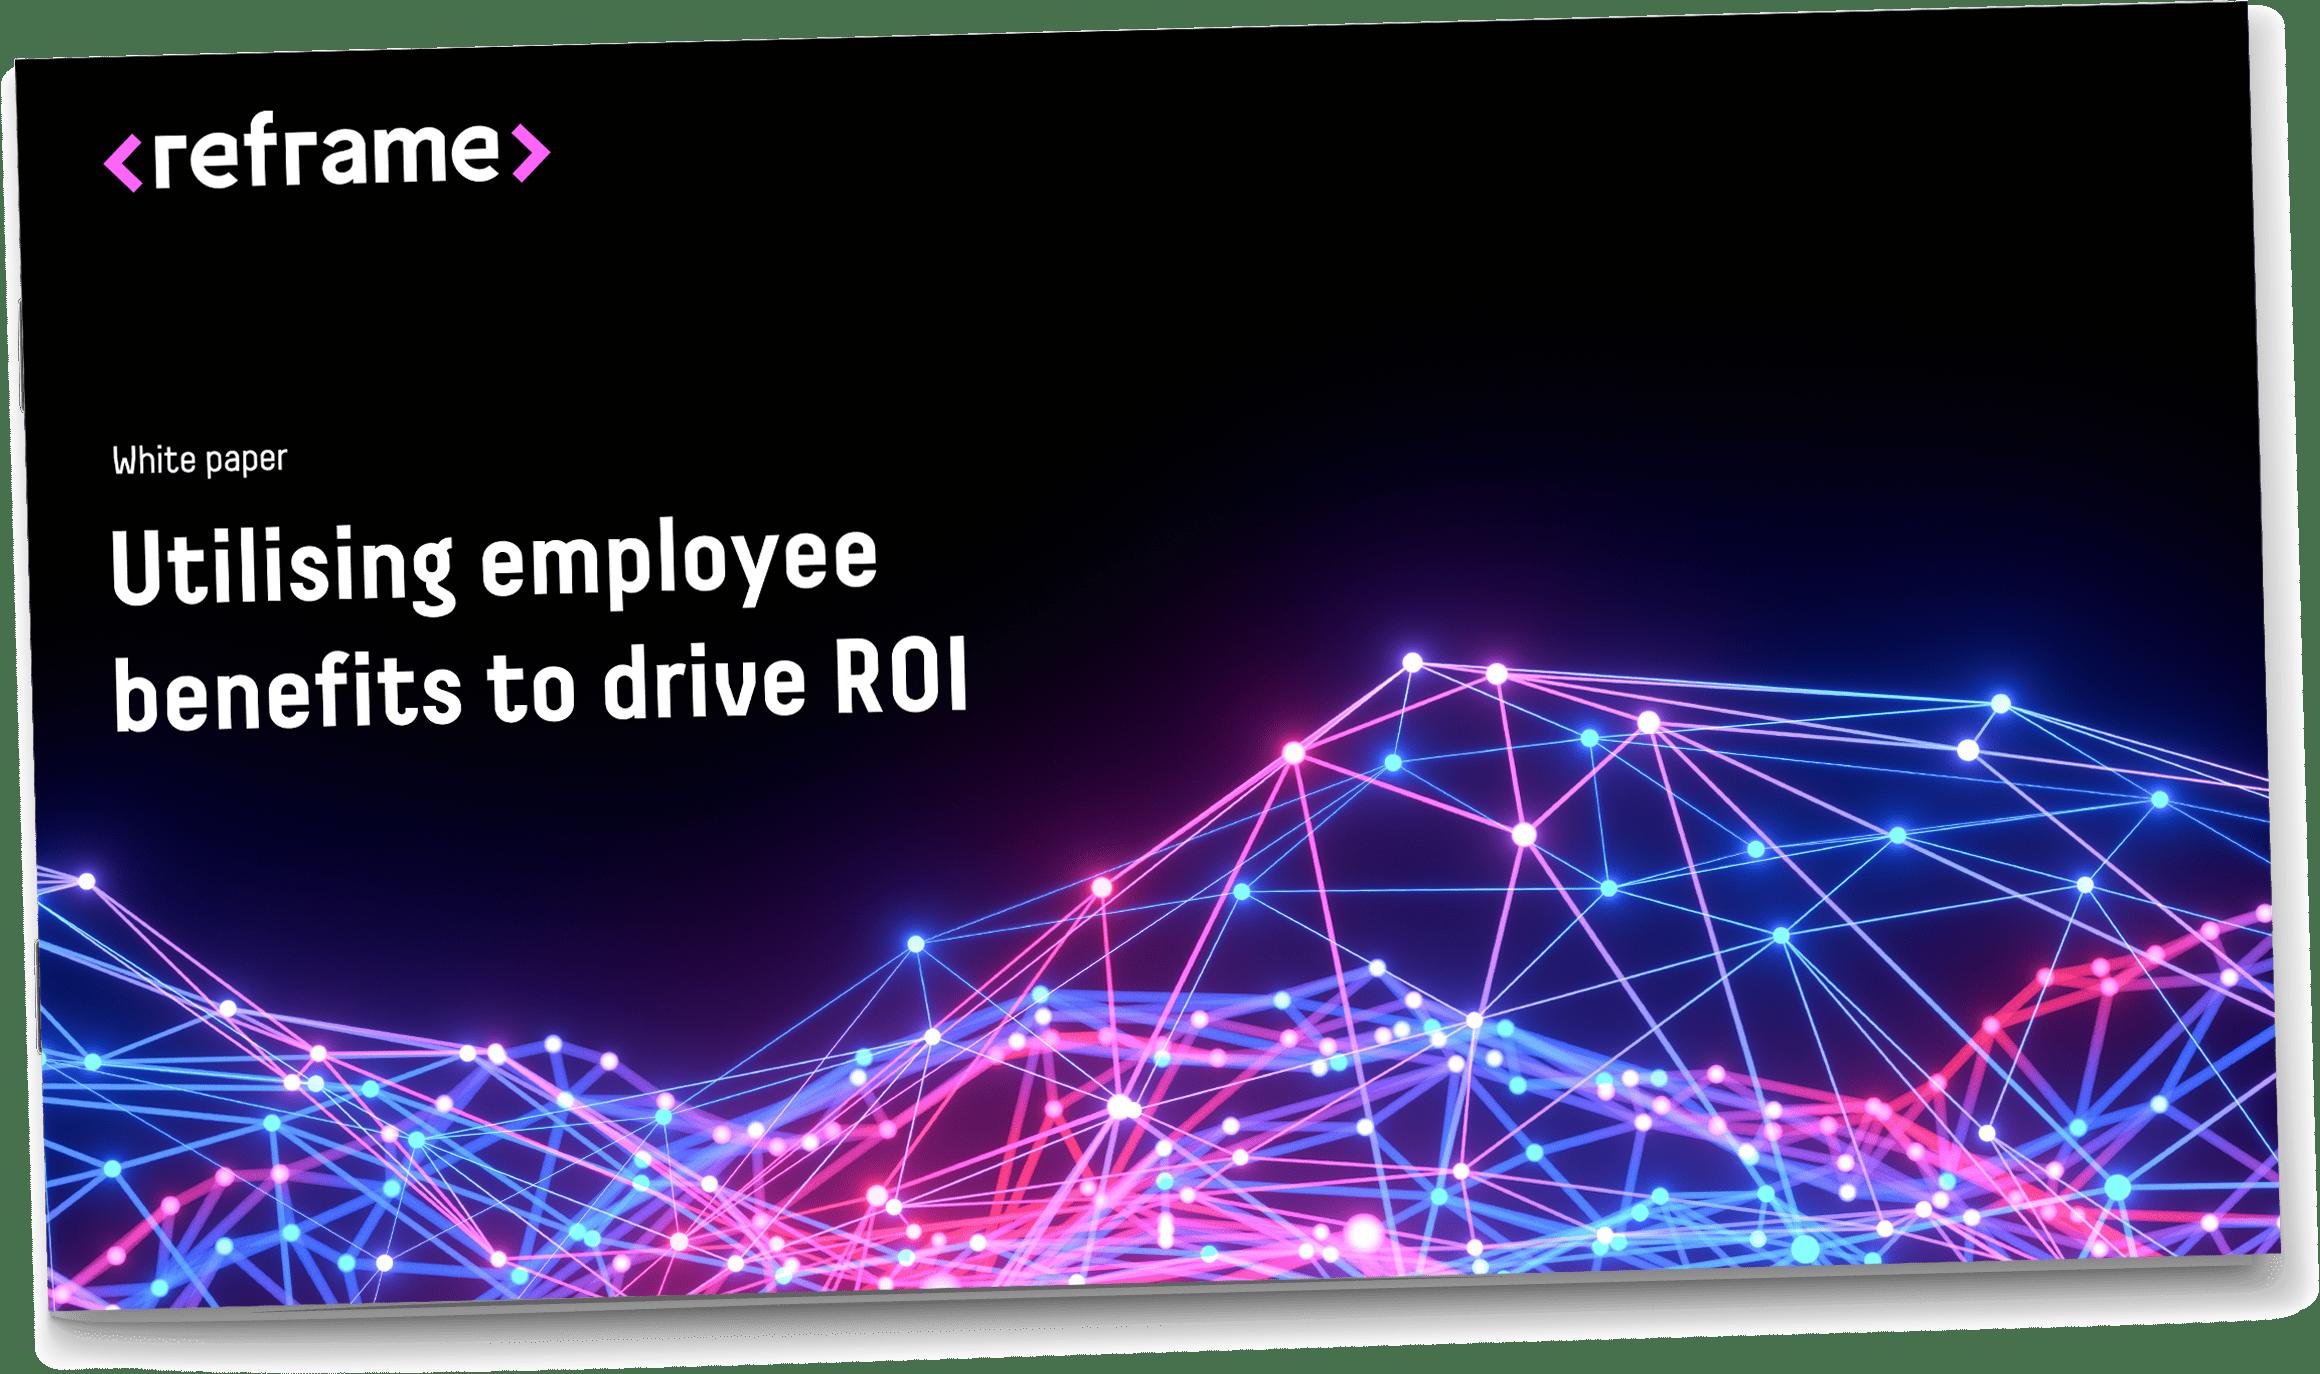 Utilising employee benefits to drive ROI white paper